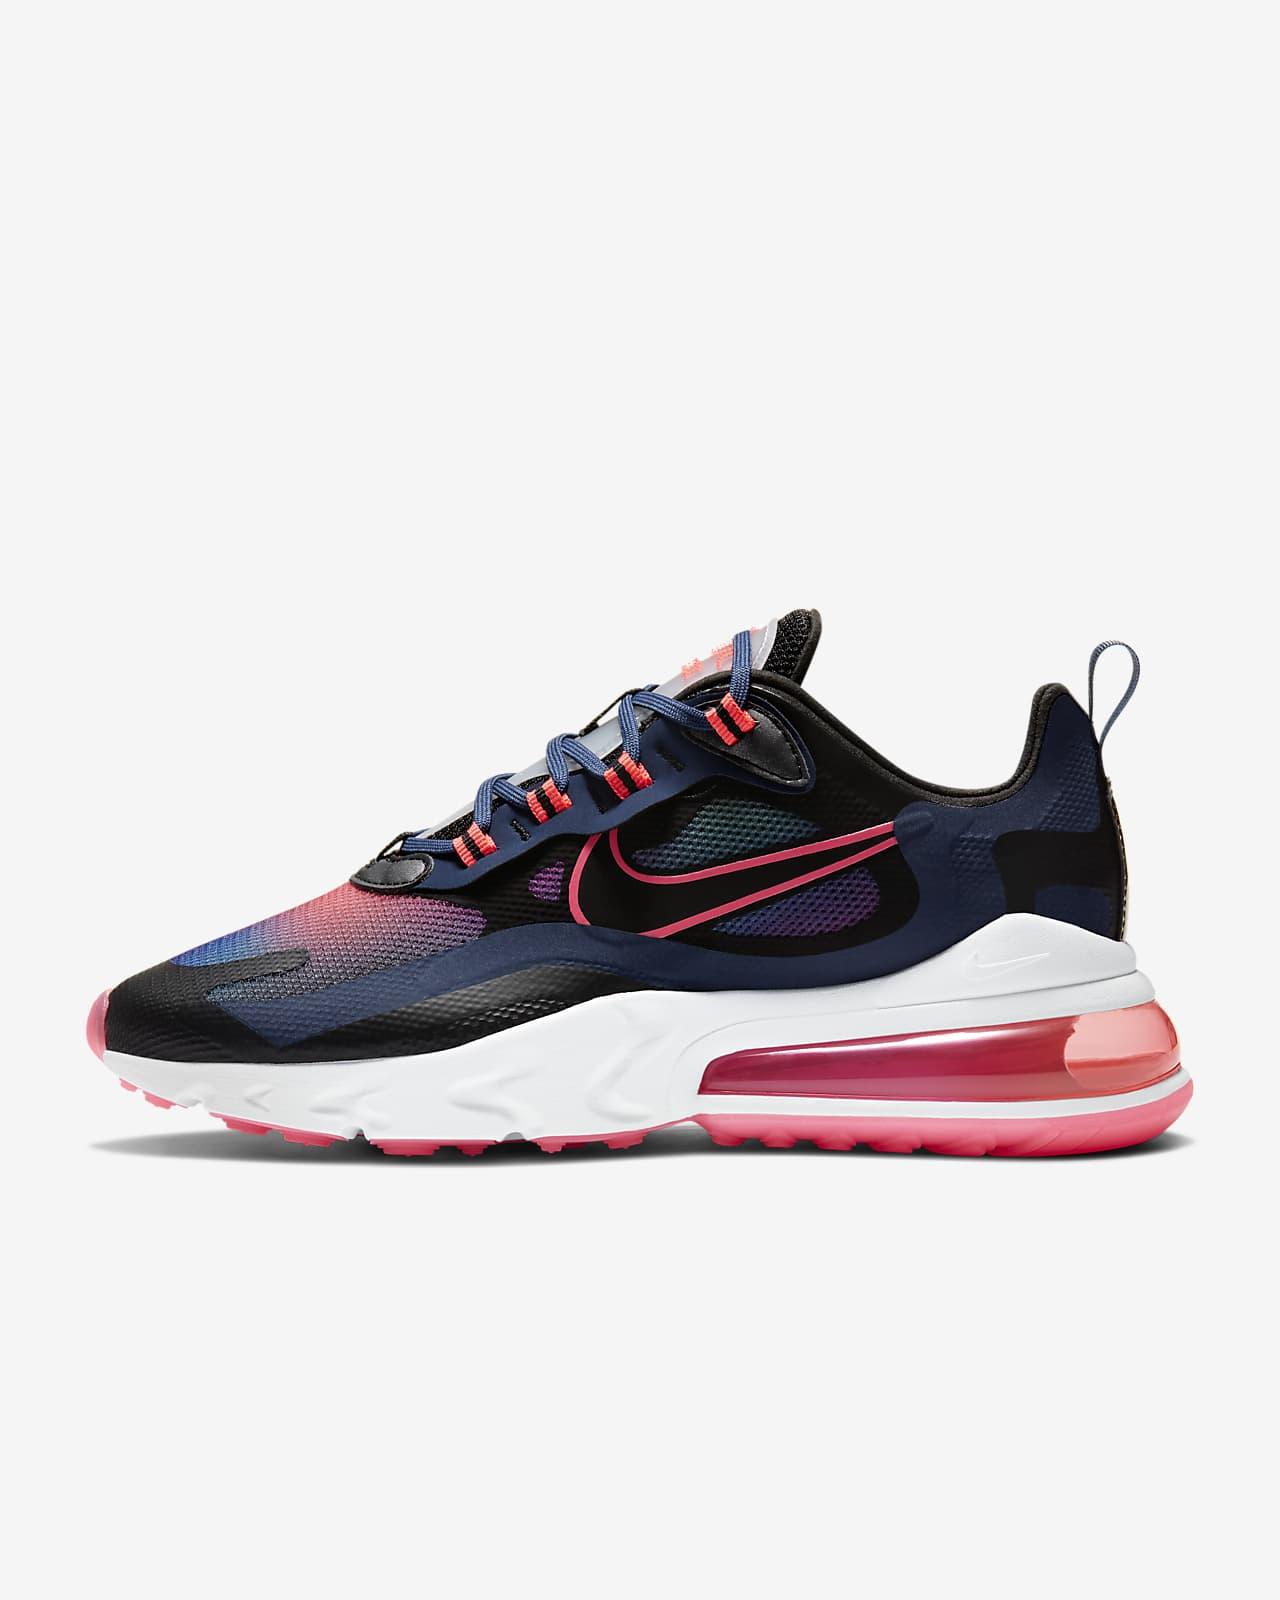 รองเท้าผู้หญิง Nike Air Max 270 React SE